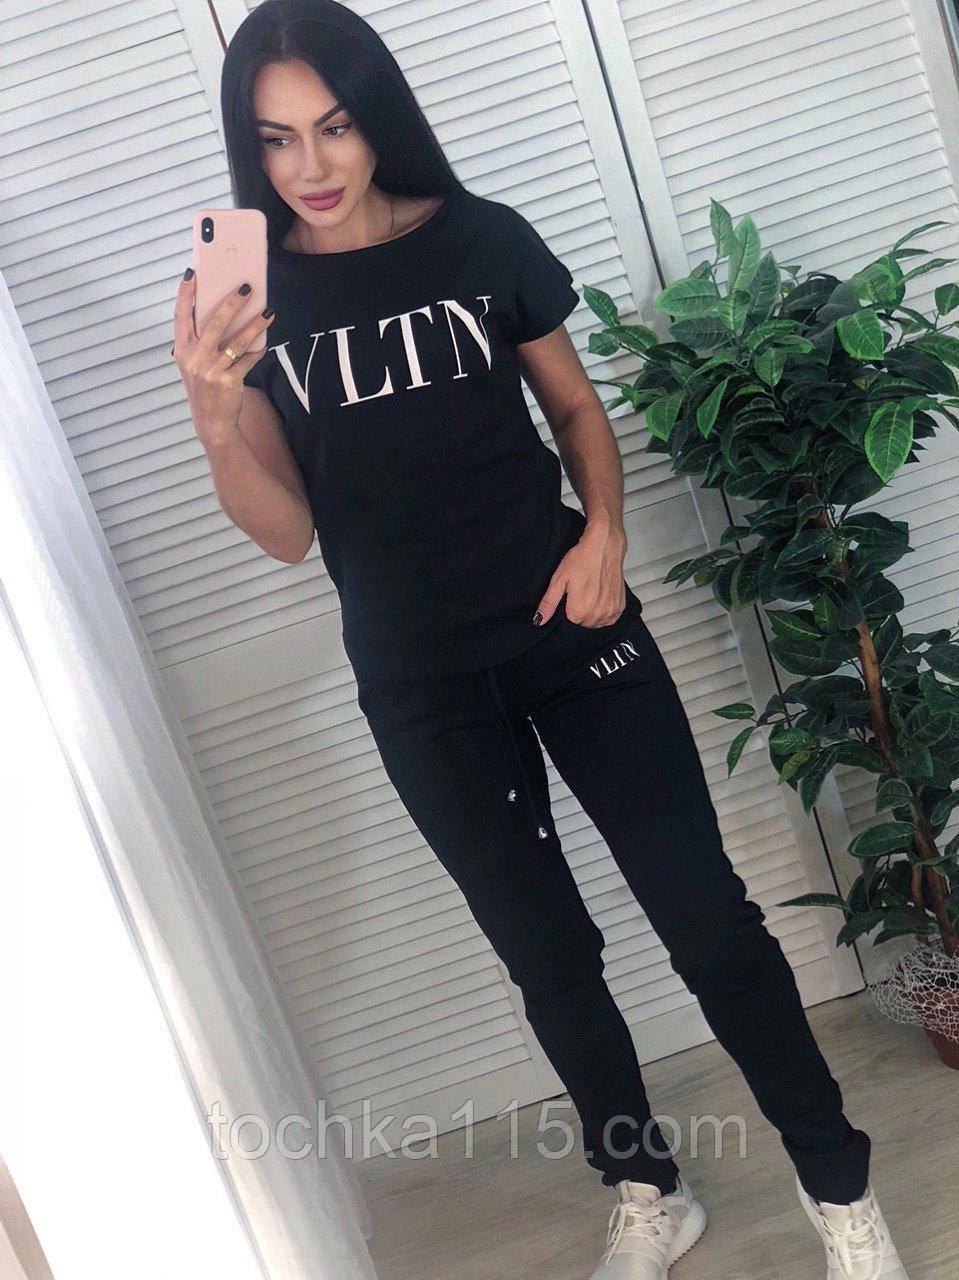 Женский летний костюм VLTN, турецкий трикотаж  S/M/L/XL, черный